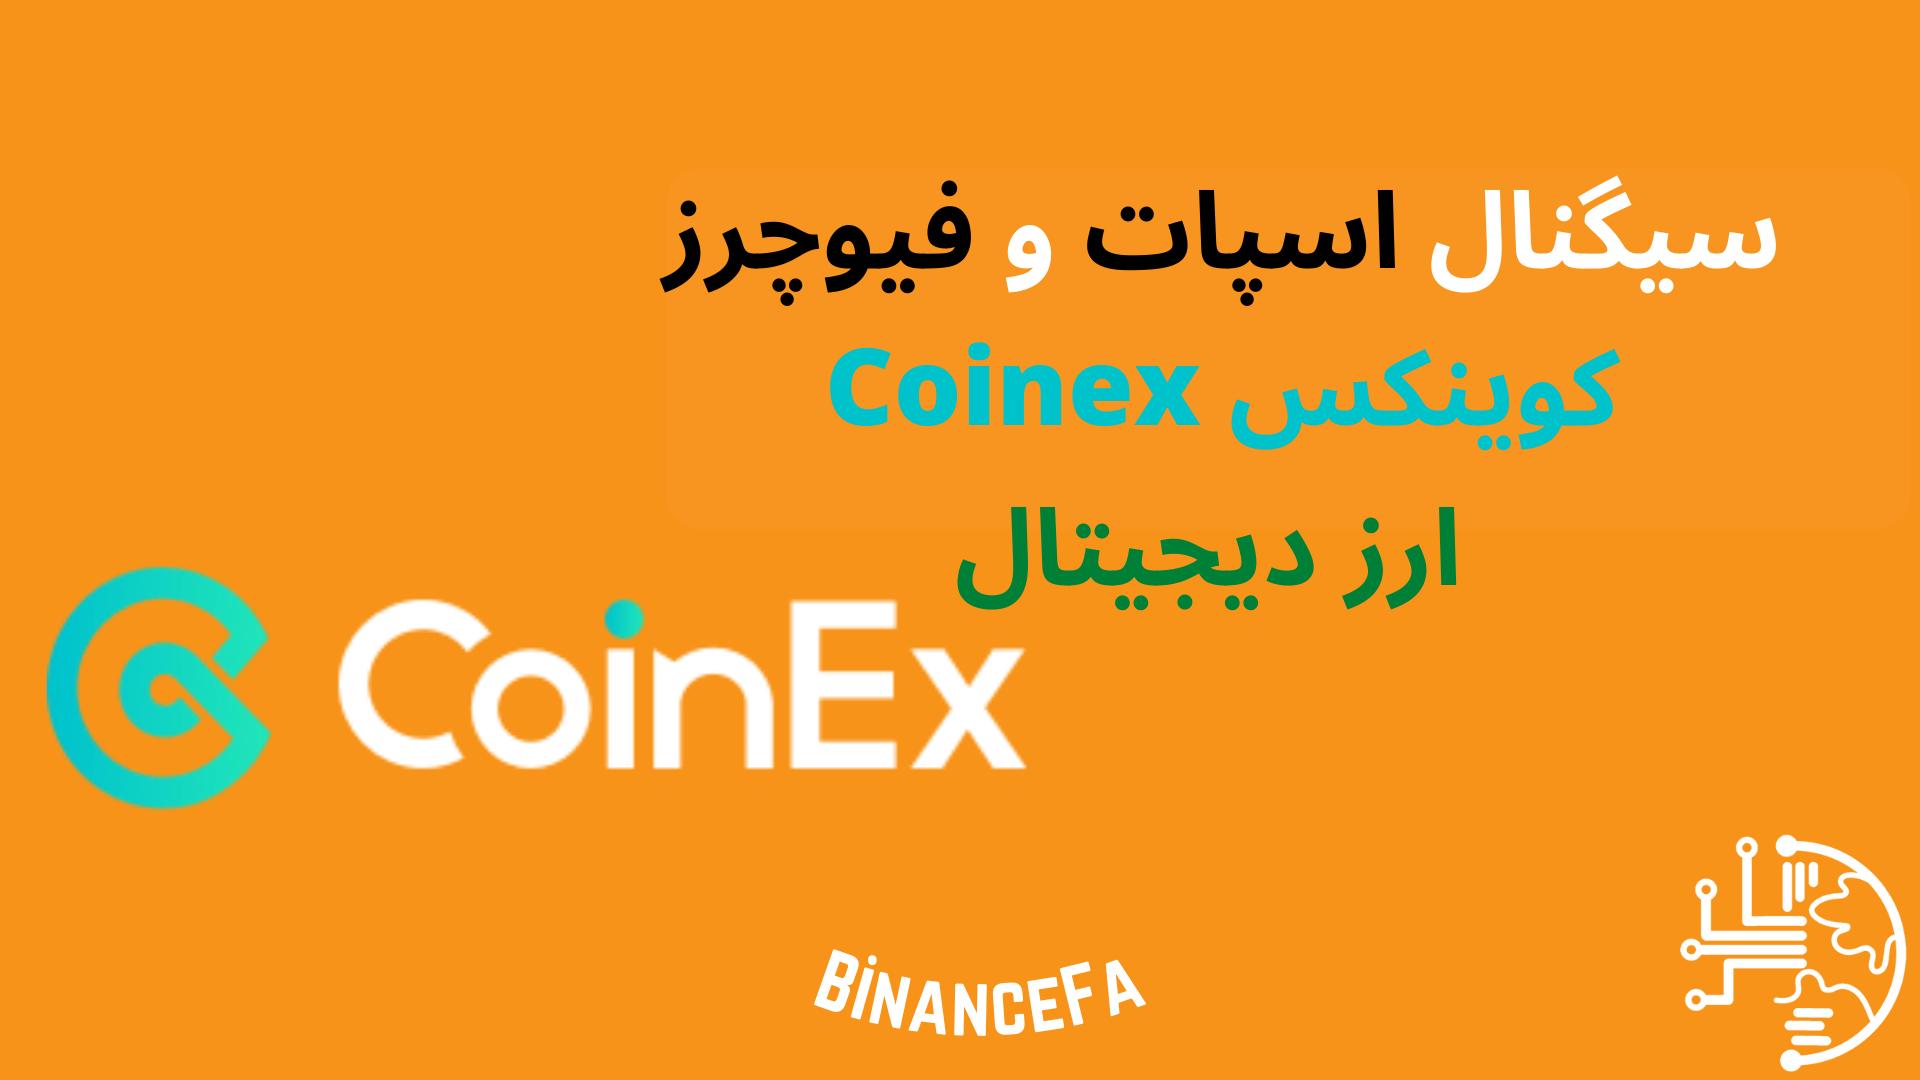 سیگنال فیوچرز و اسپات کوینکس Coinex